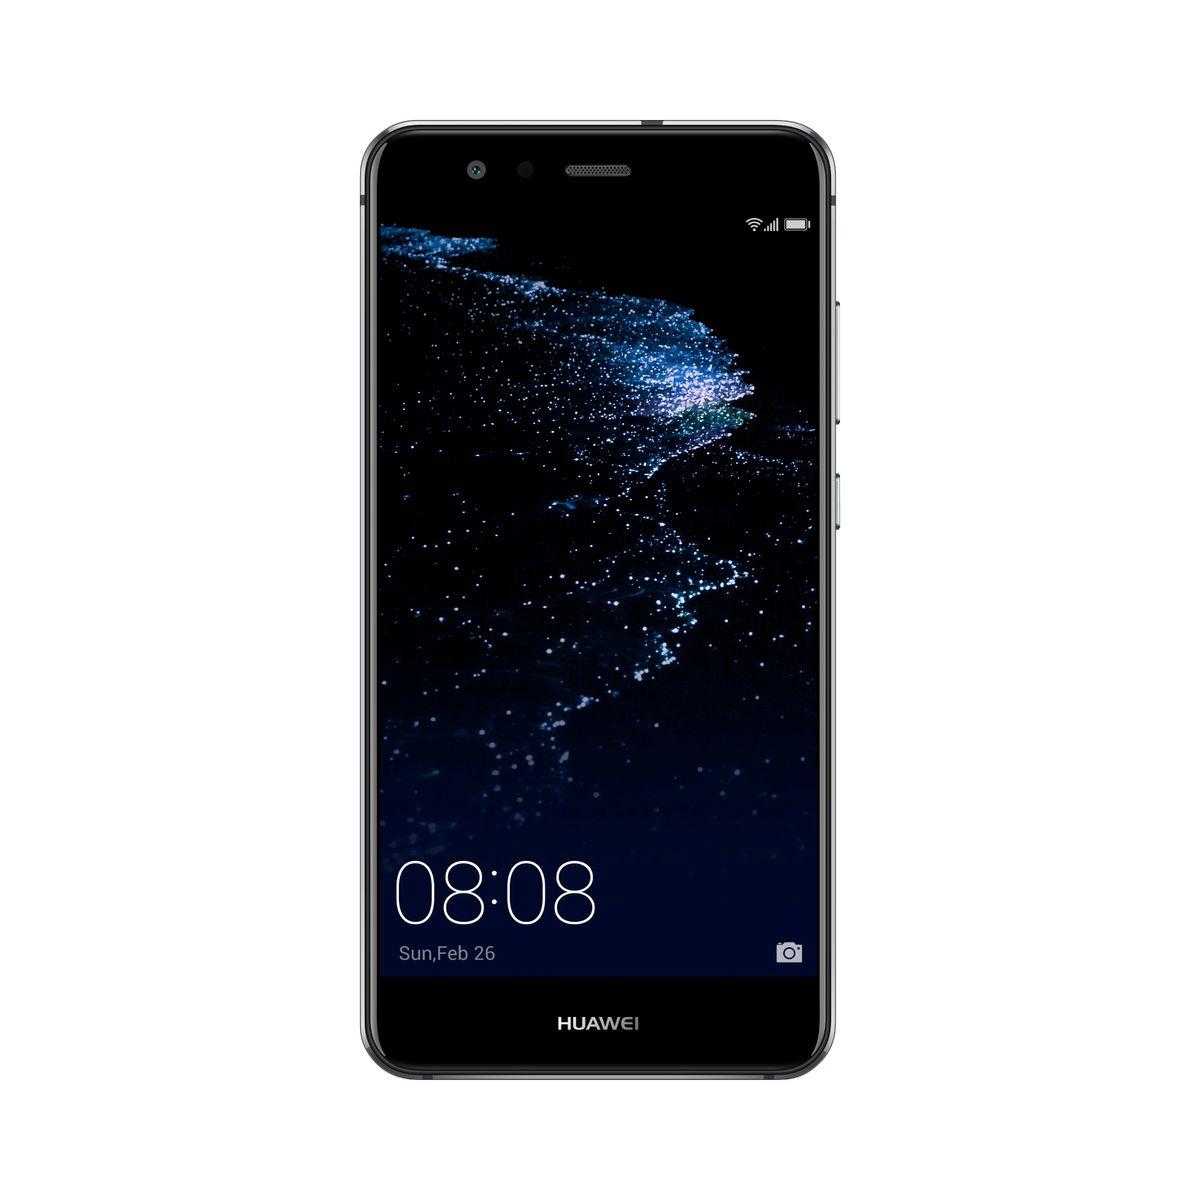 Huawei P10 Lite - Celulares - Tigo Colombia